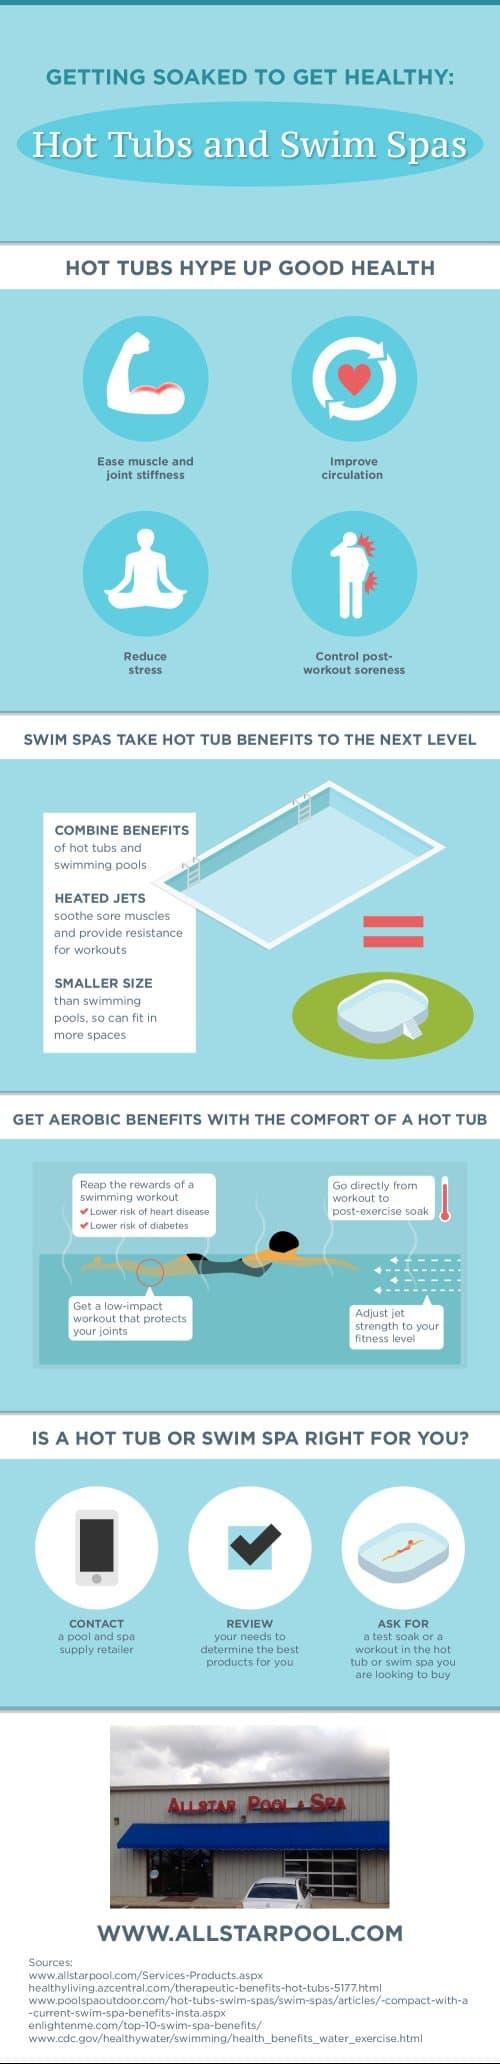 Hot Tubs And Swim Spas Birmingham, AL